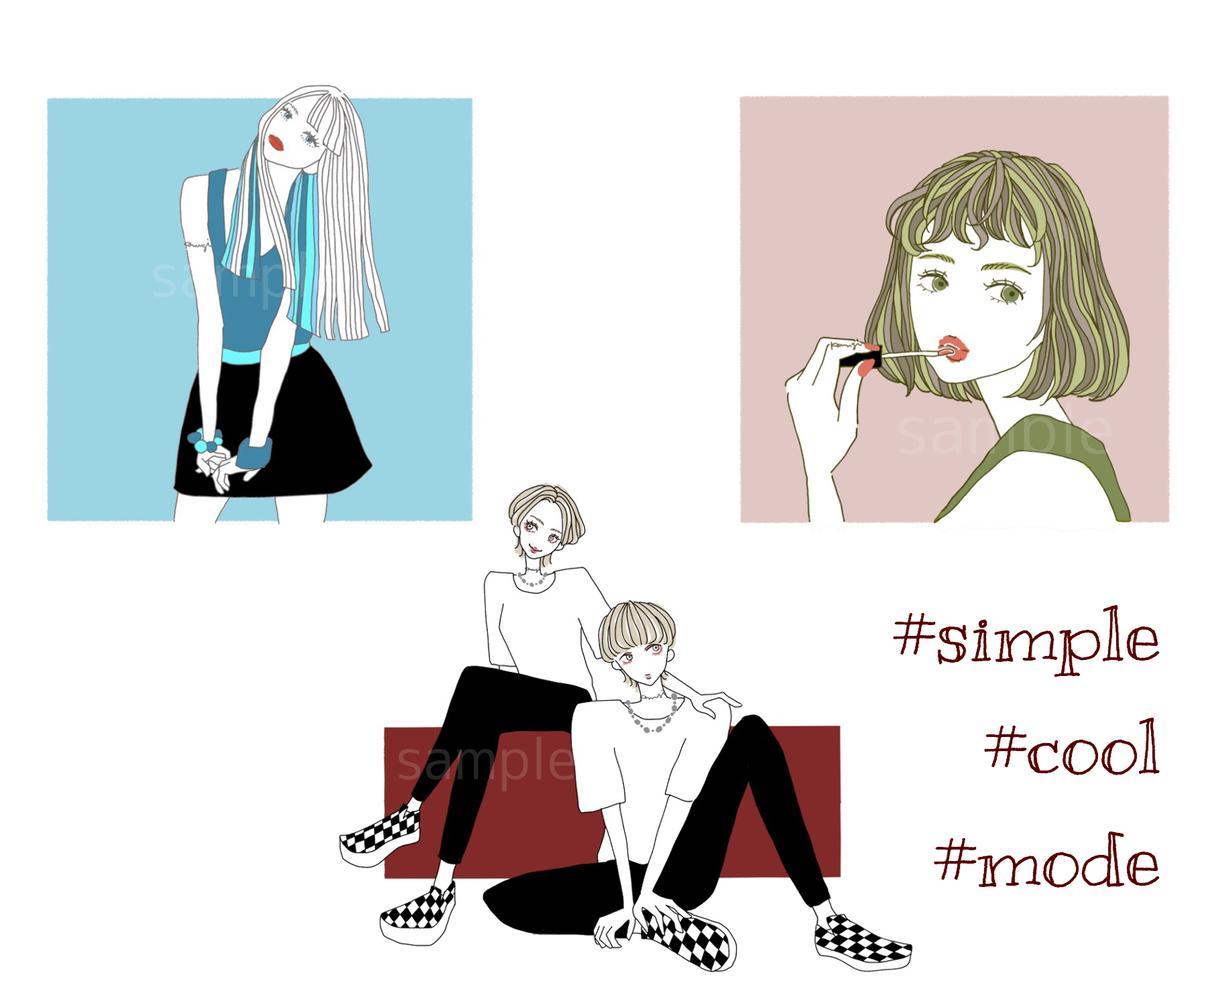 用途色々◎ レトロでおしゃれなイラストを描きます #GIRLY #POP #COOL #MODE